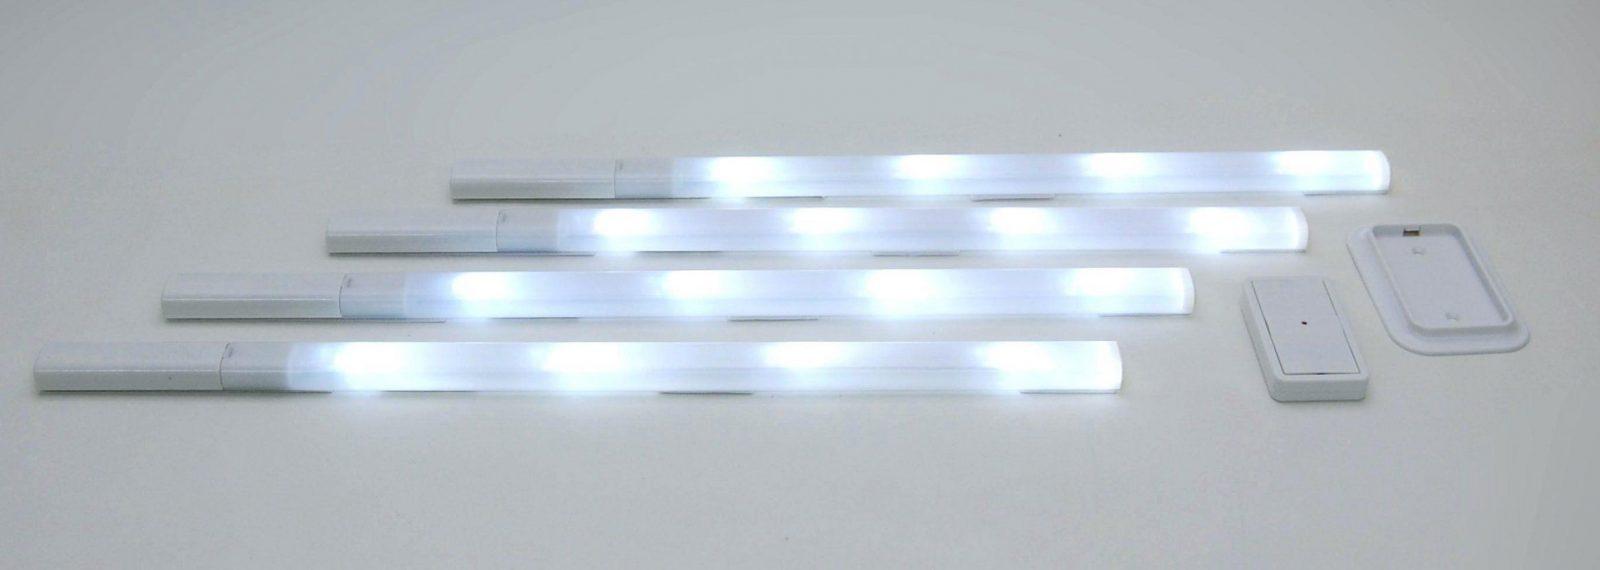 Treppenleuchten Led Treppenbeleuchtung Mit Bewegungsmelder Mbelideen von Led Treppenlicht Mit Bewegungsmelder Photo